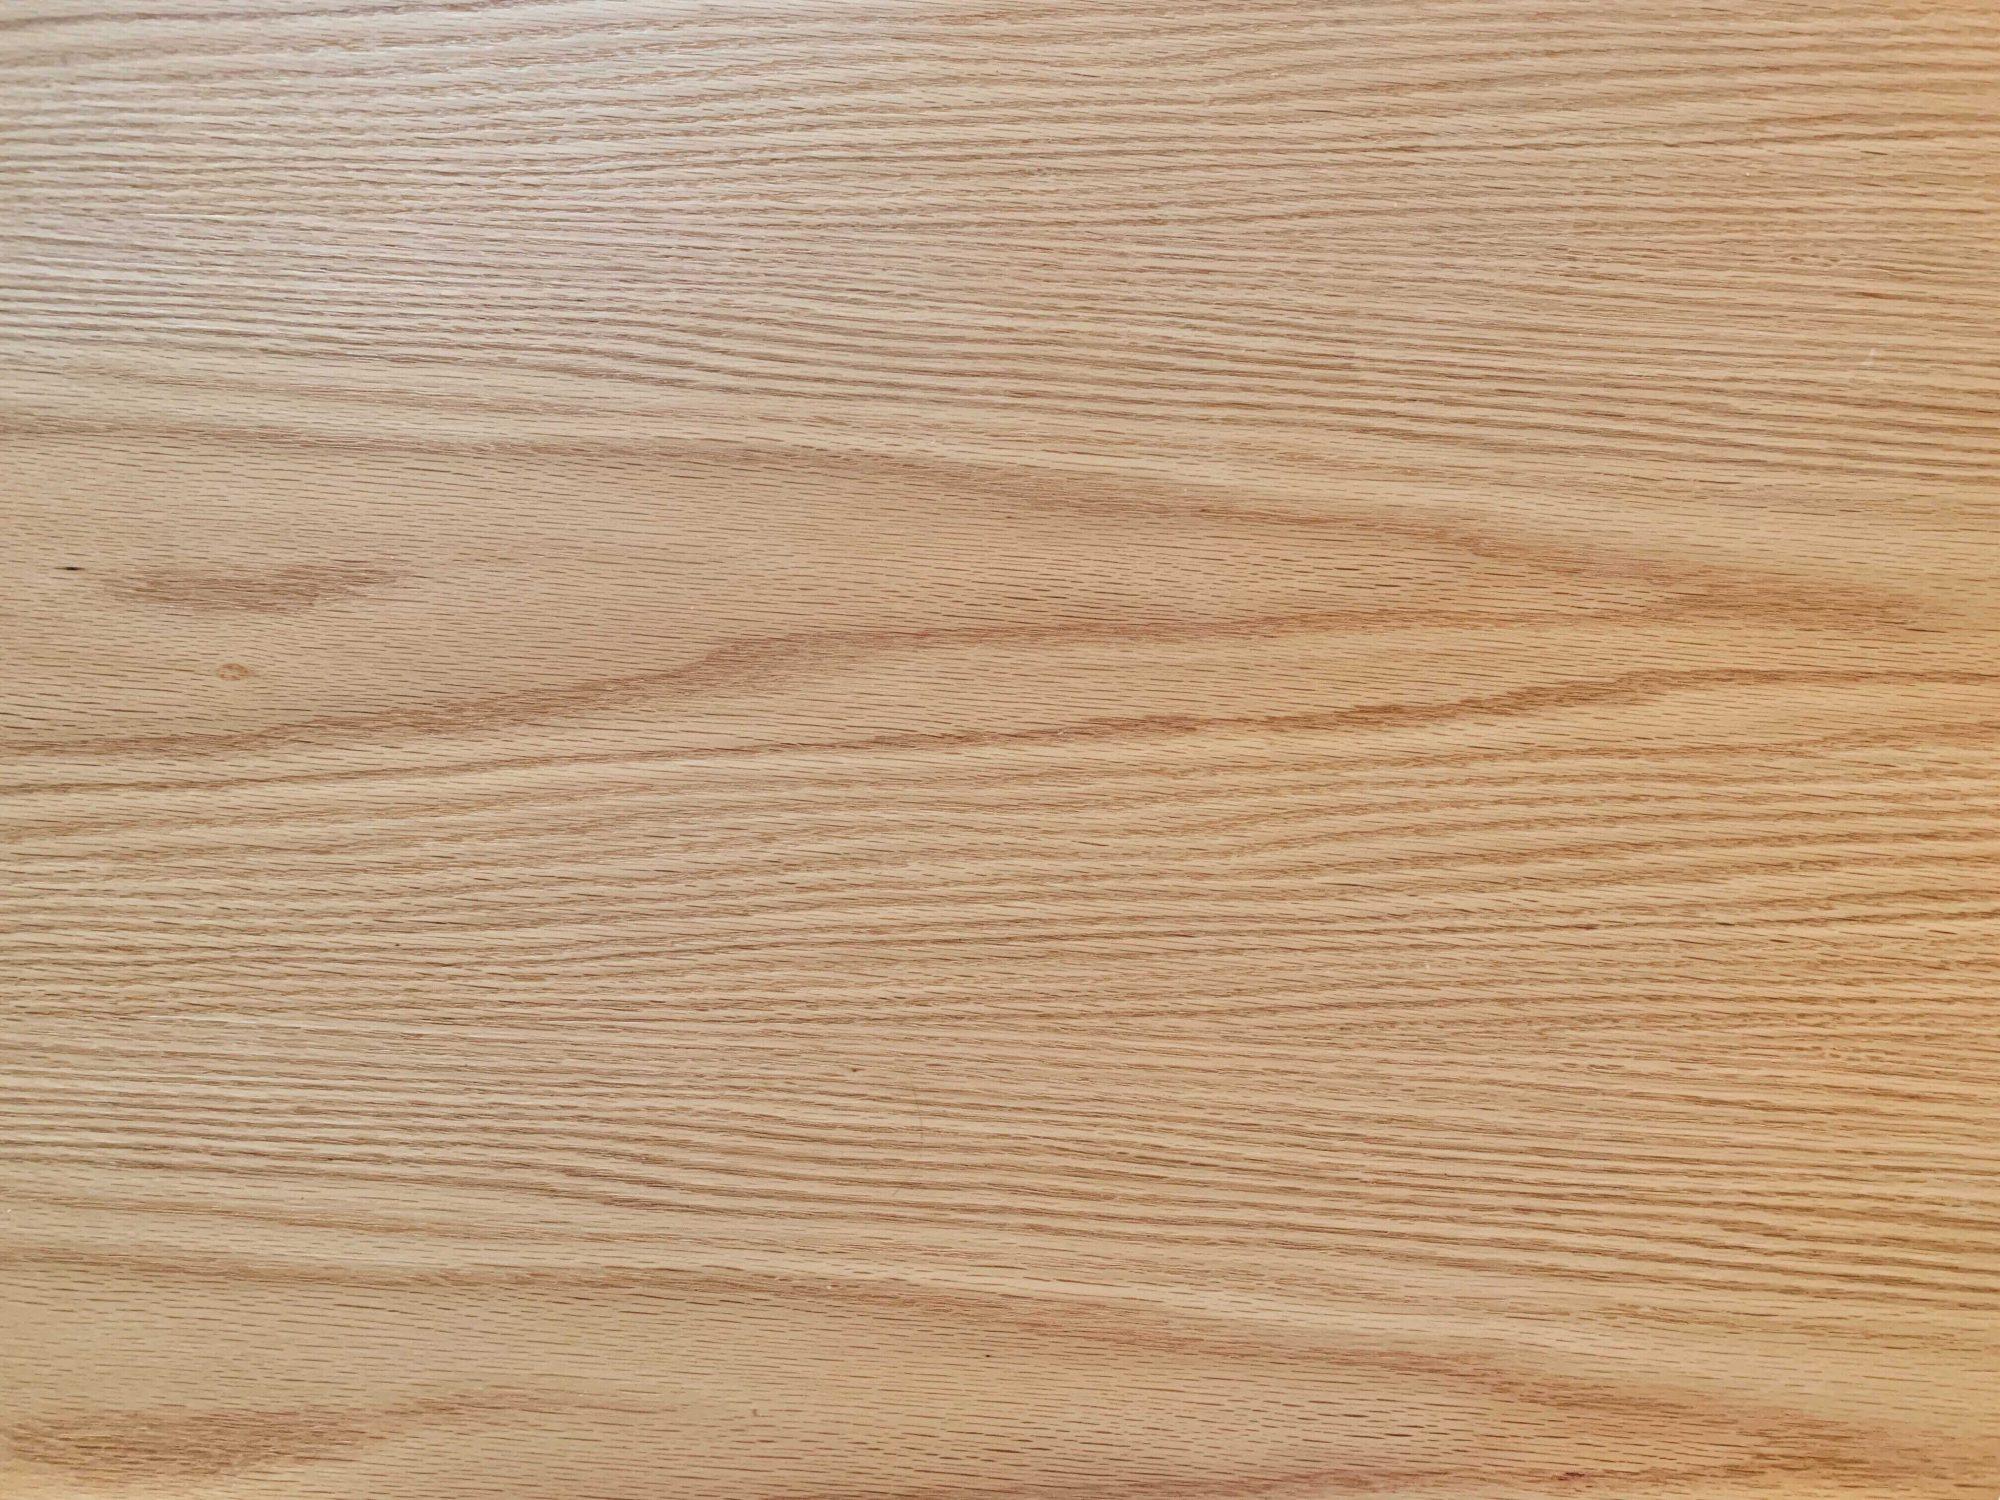 天板をアップで。触り心地の良い天然オーク材の木目です。高い耐久性と耐水性をもち、傷が付きにくいので、長く使っていけそうです。